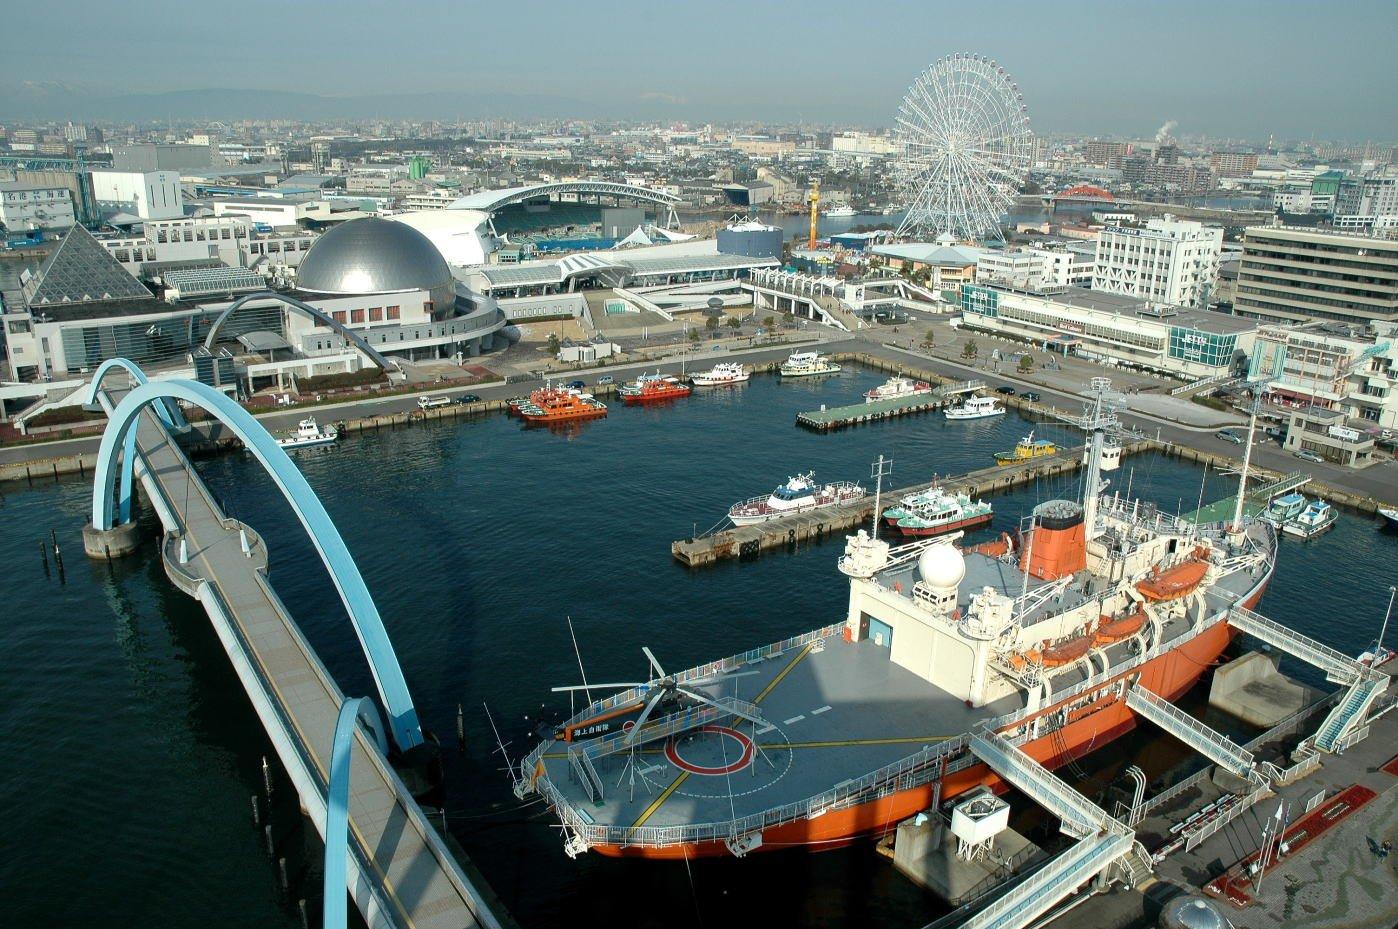 名古屋港에 대한 이미지 검색결과